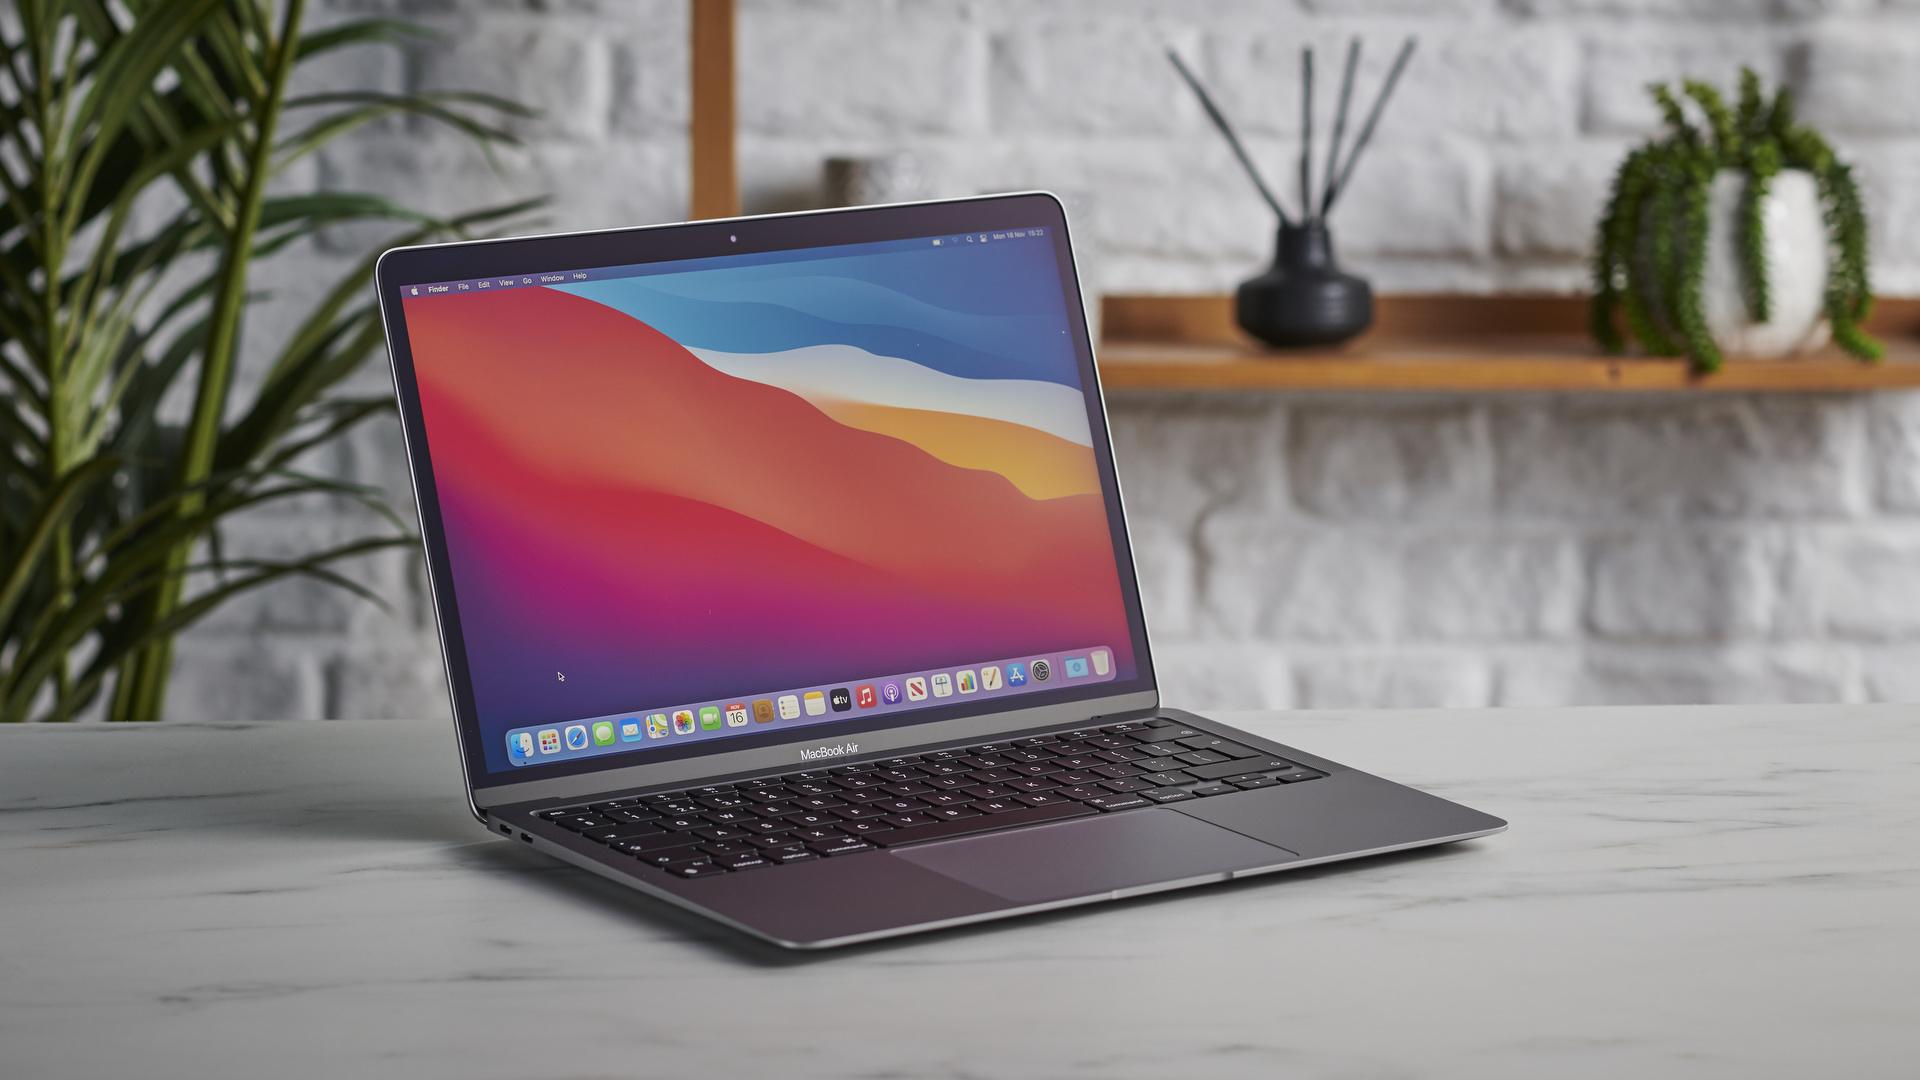 Apple MacBook Air (M1): best Apple laptop